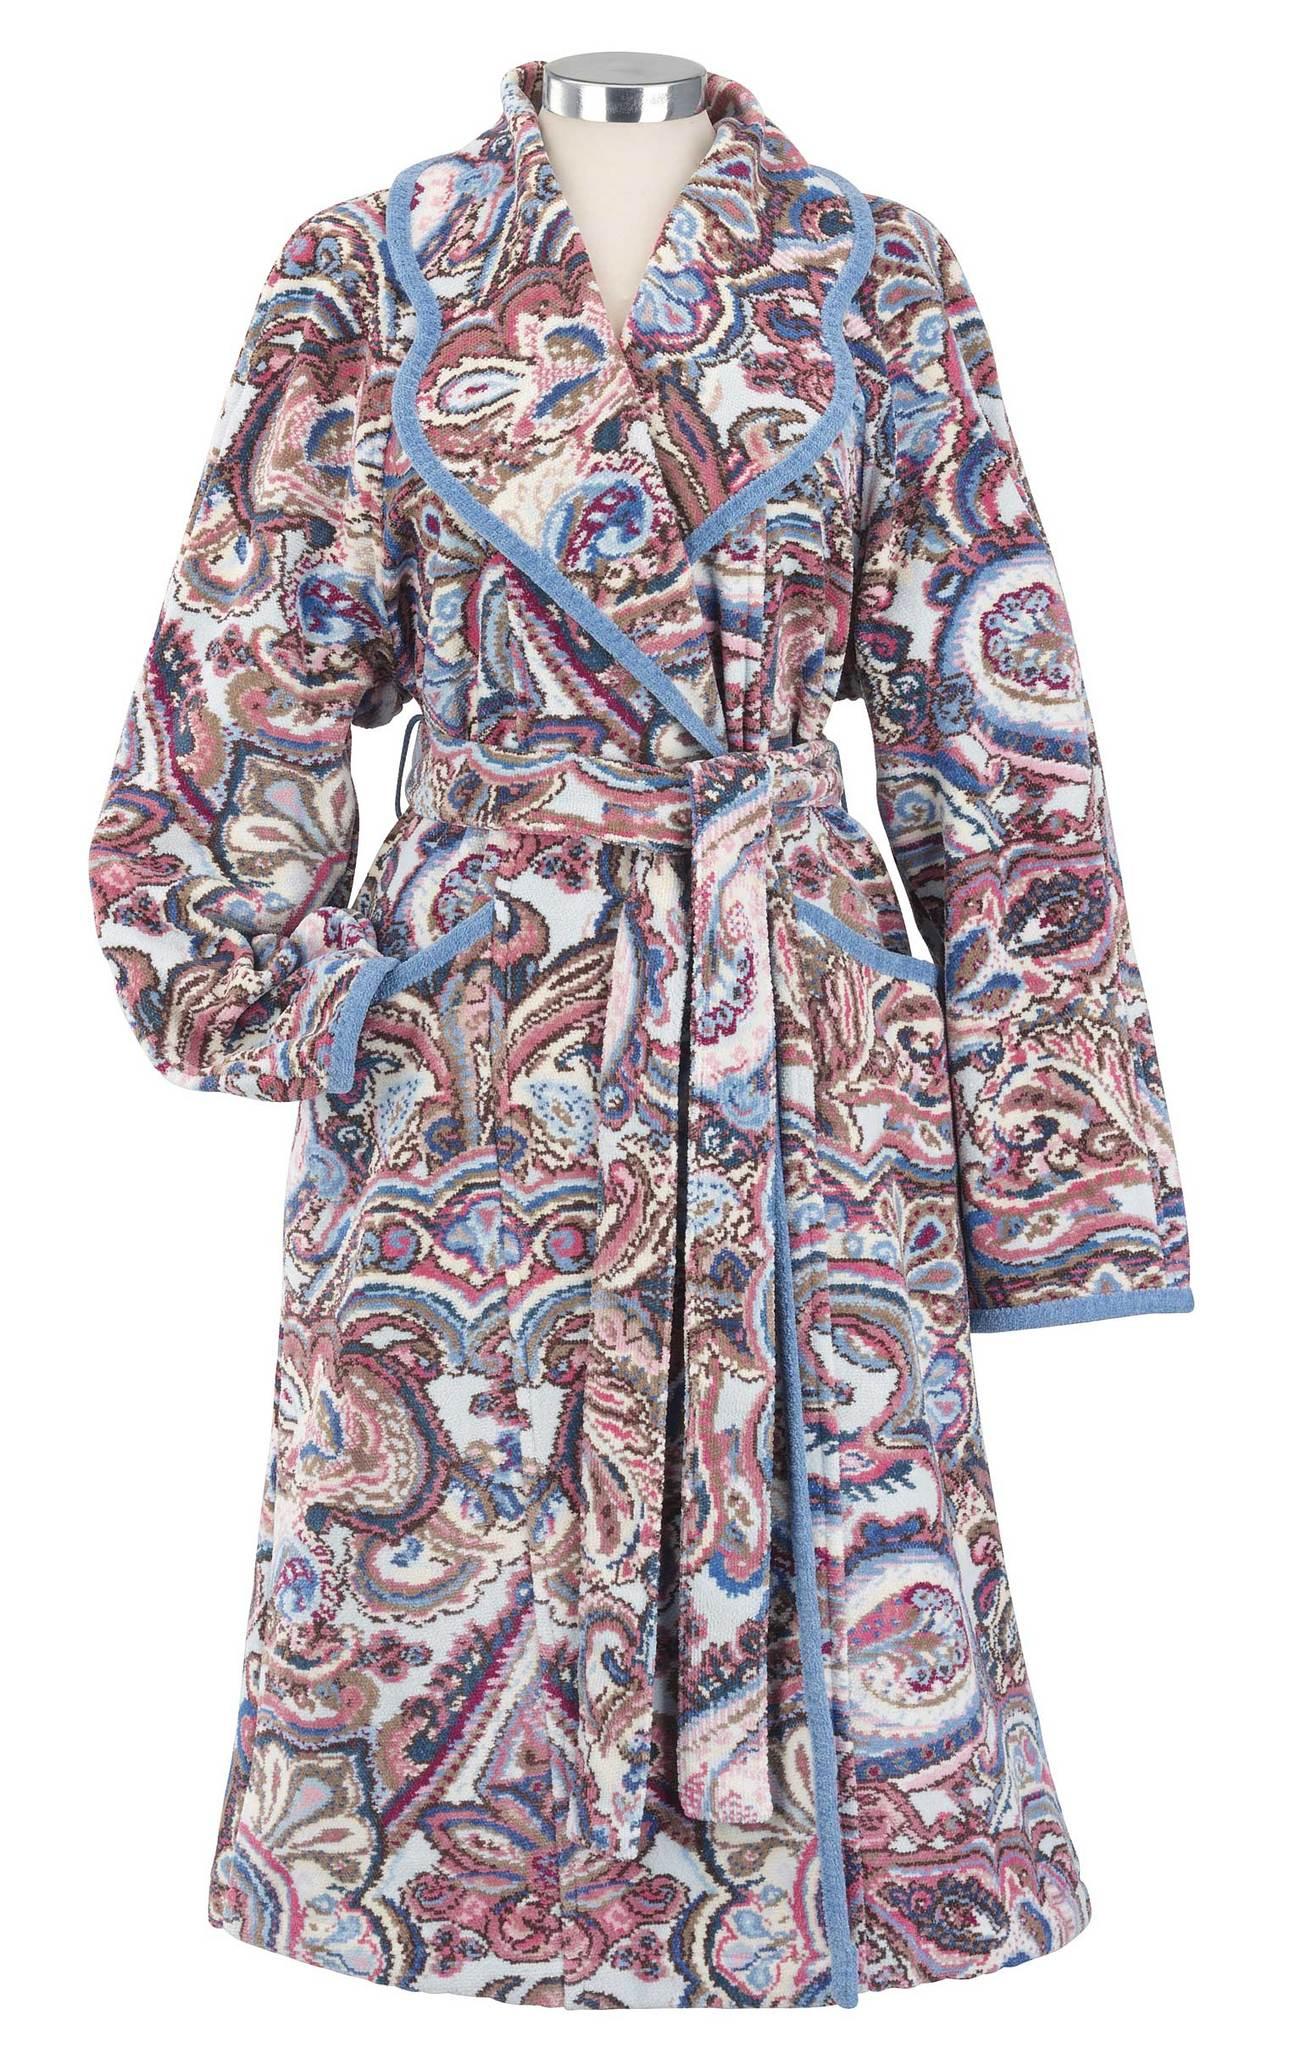 Элитный халат шенилловый Maharani sky Lydia от Feiler